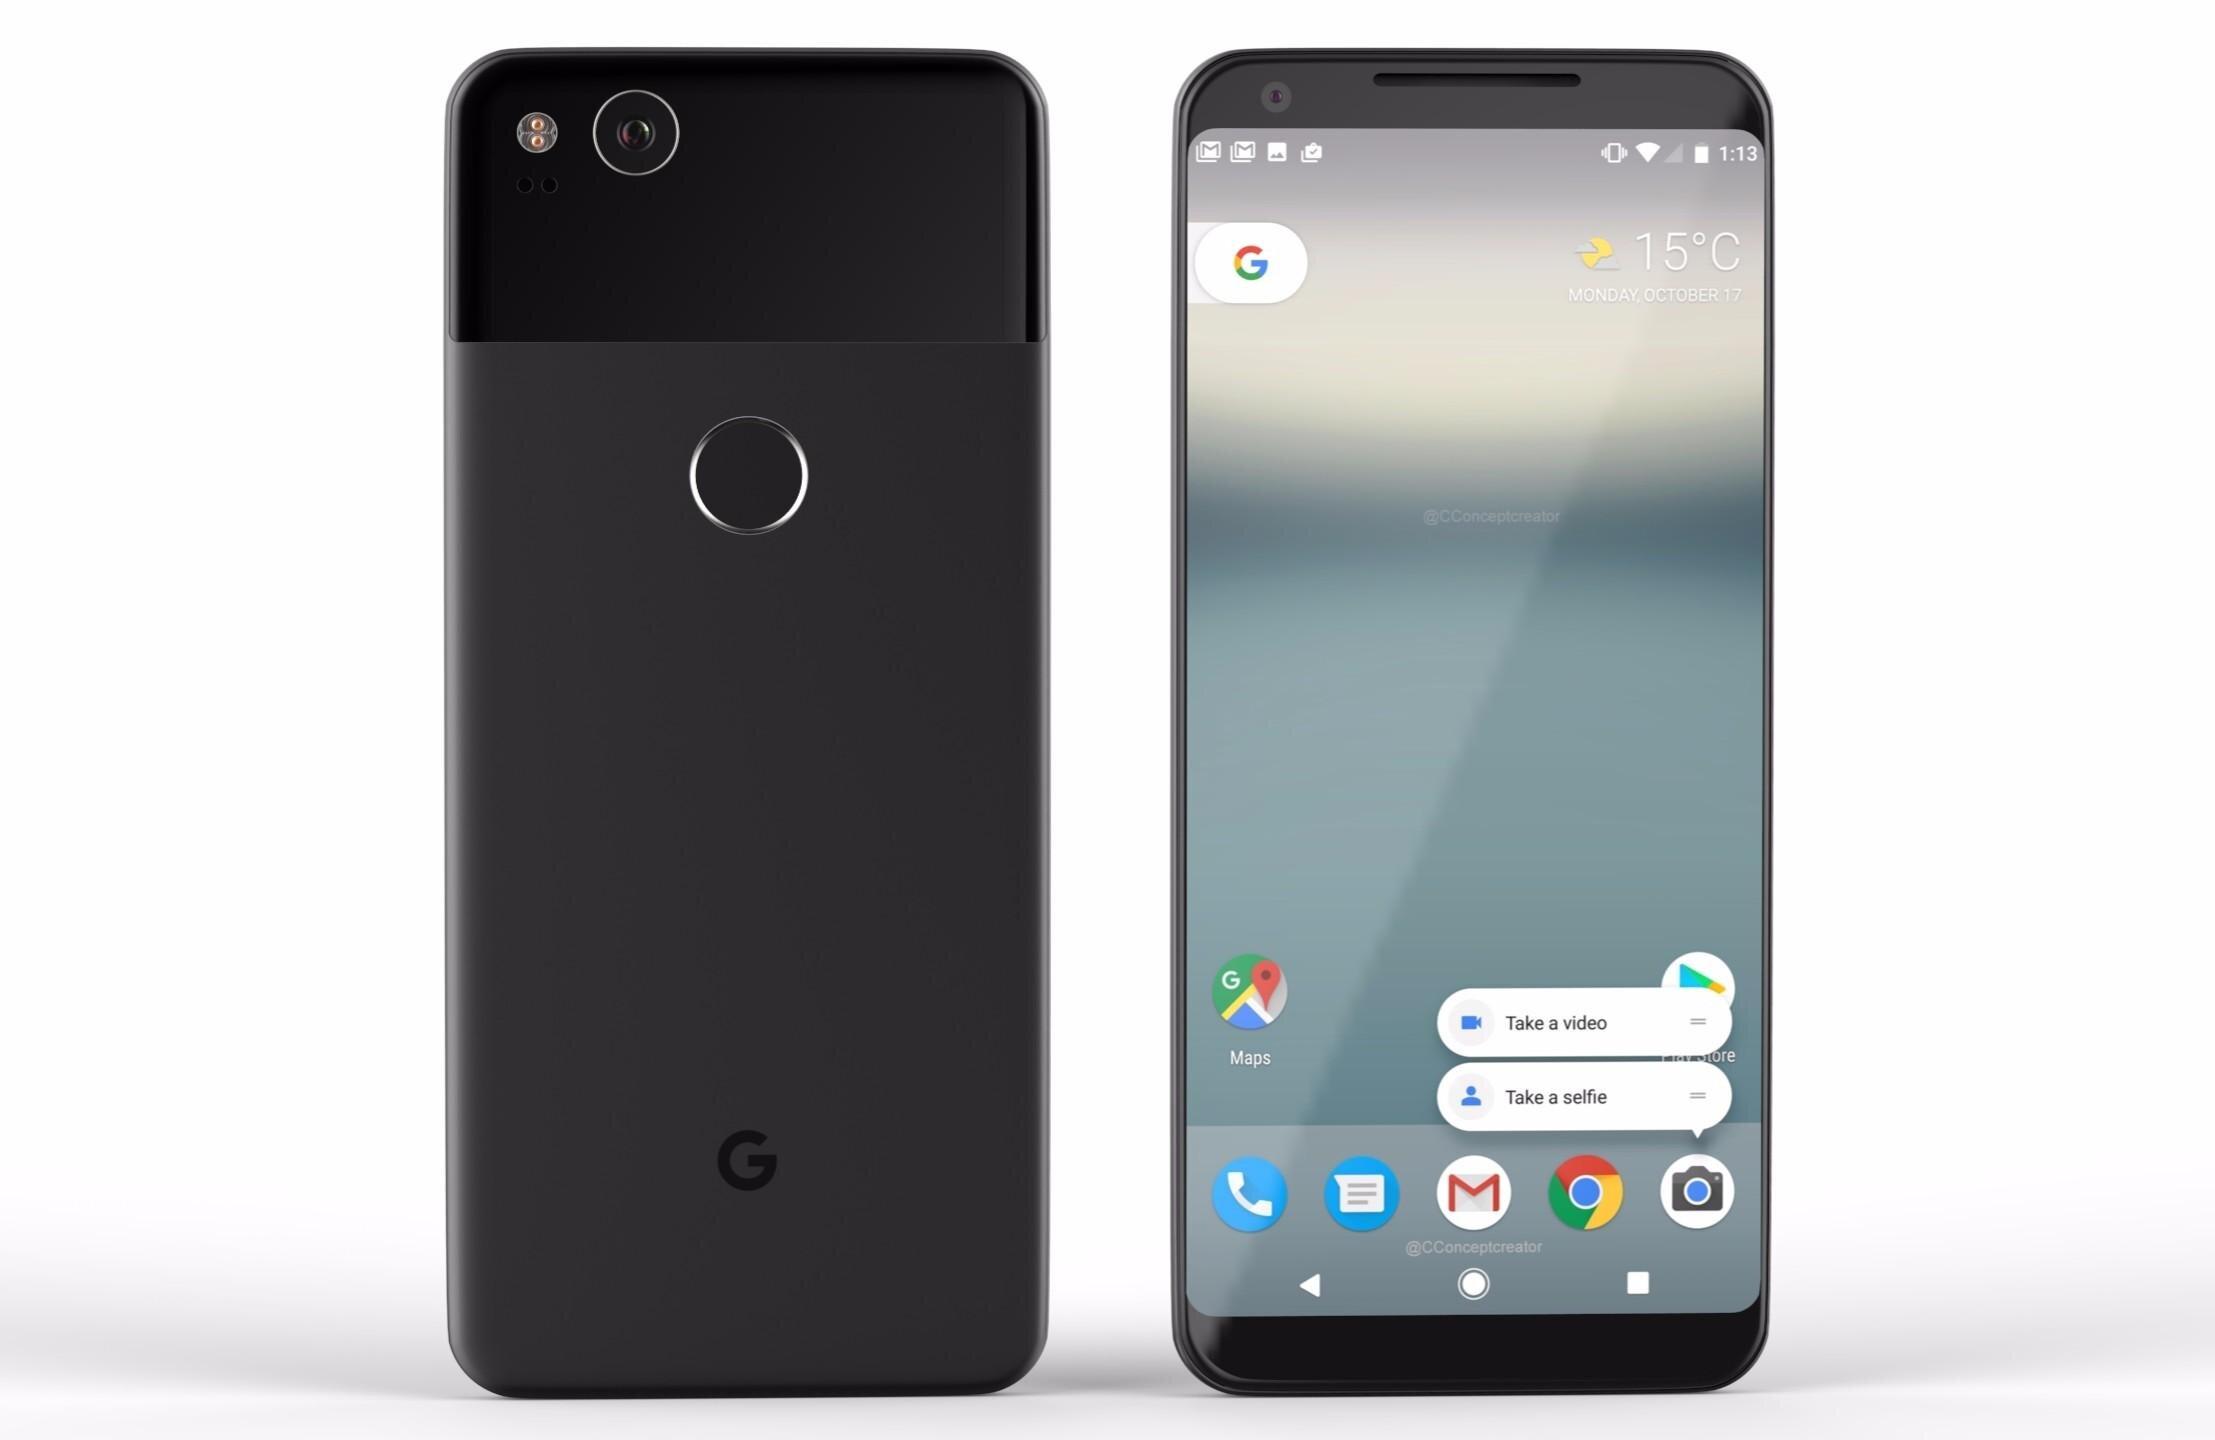 Điện thoại Google Pixel 2 XL bị hiện tượng lưu ảnh